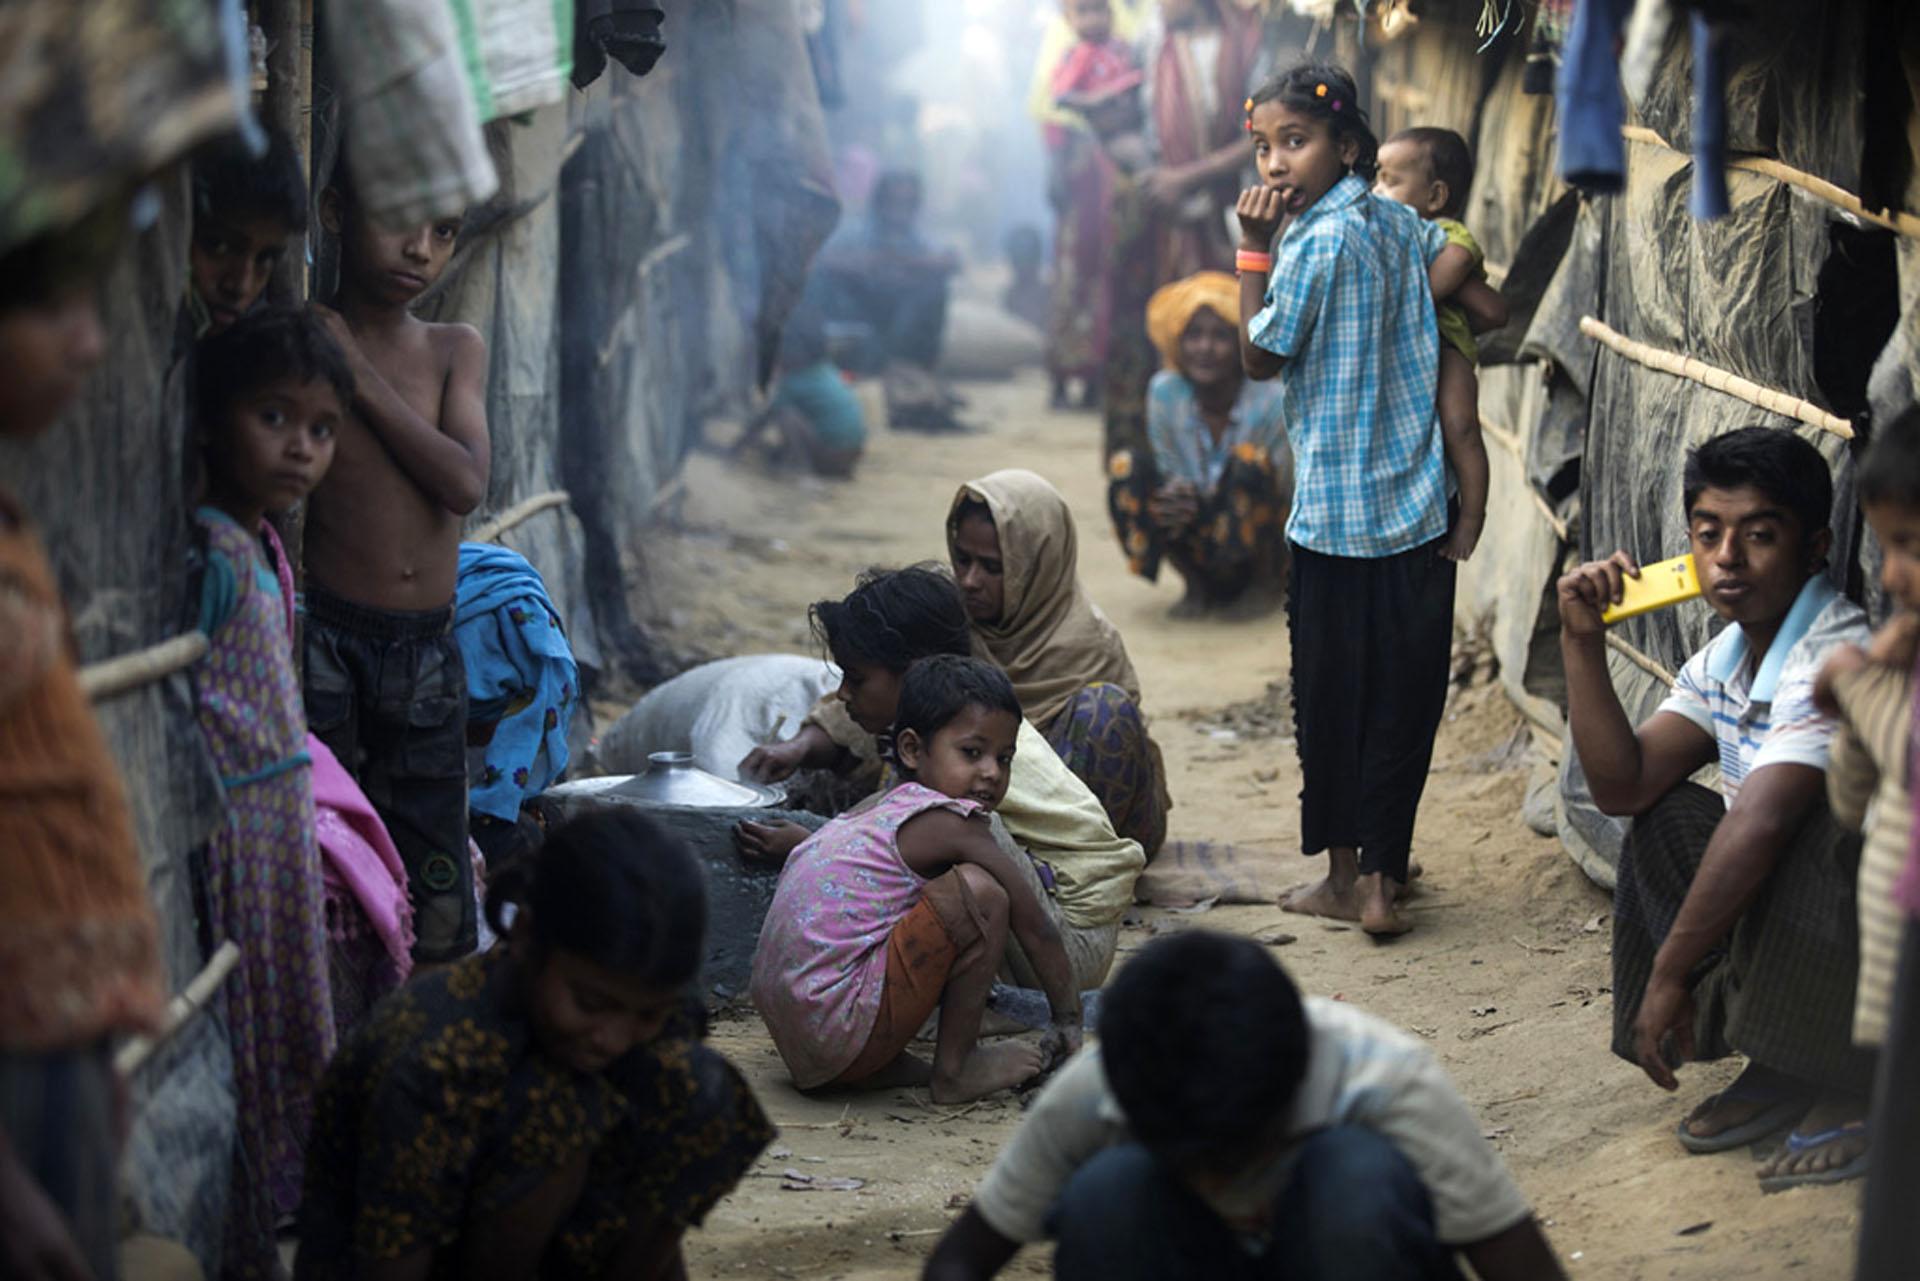 """Résultat de recherche d'images pour """"Birmanie, Rohingyas, Discrimination, extrême pauvreté, myanmar, 2017"""""""